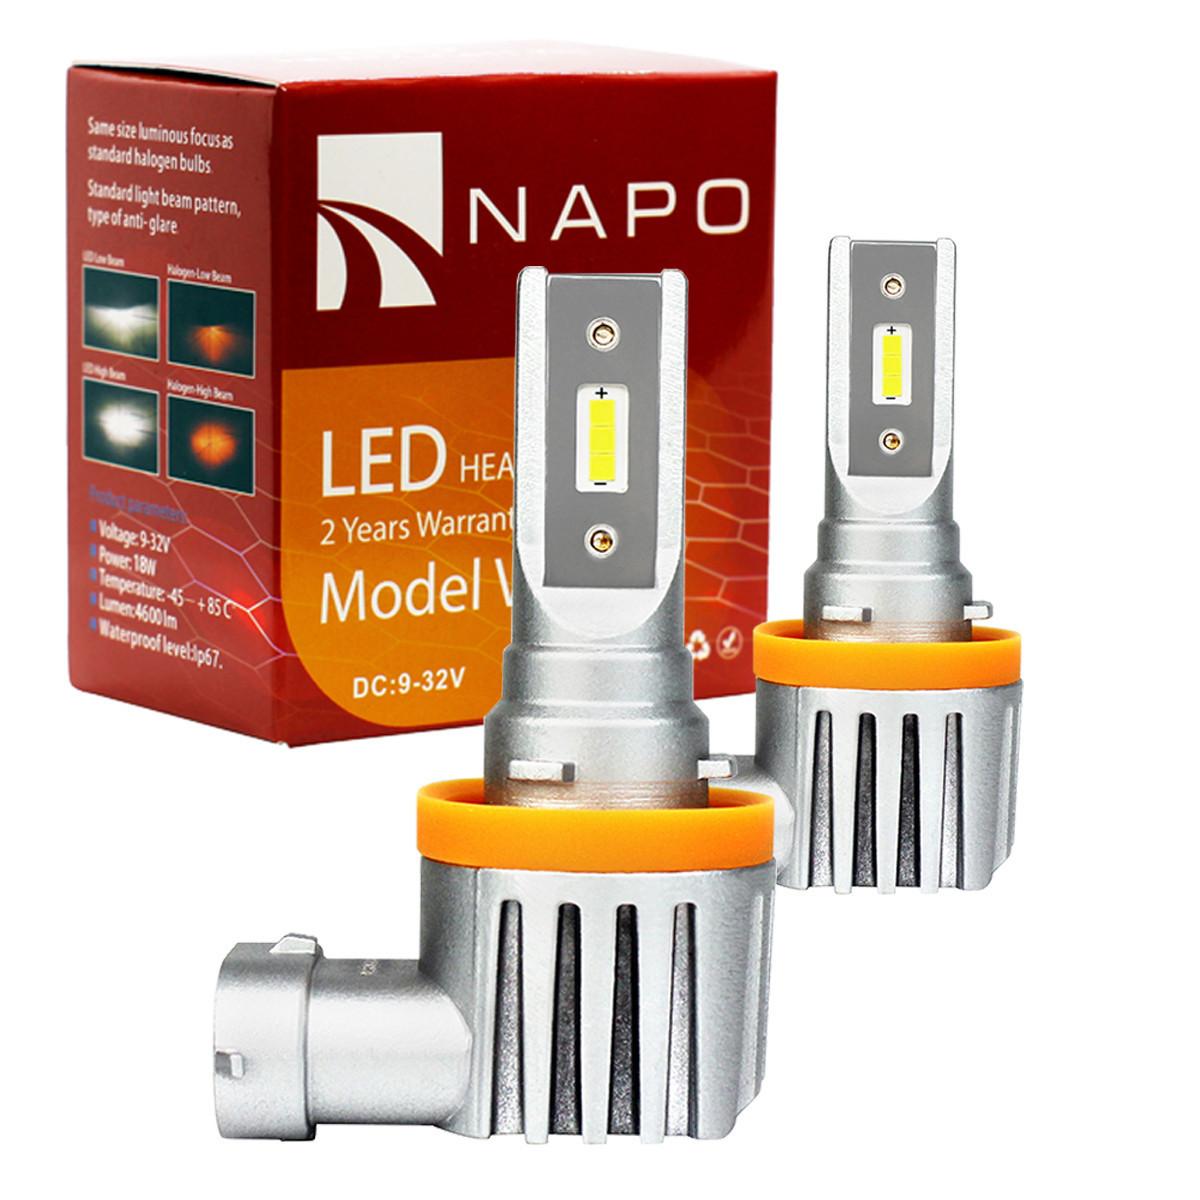 Лампа светодиодная NAPO Model V  H9 4600 Lum, цвет свечения белый, 2 шт/компл. Гарантия 2 года